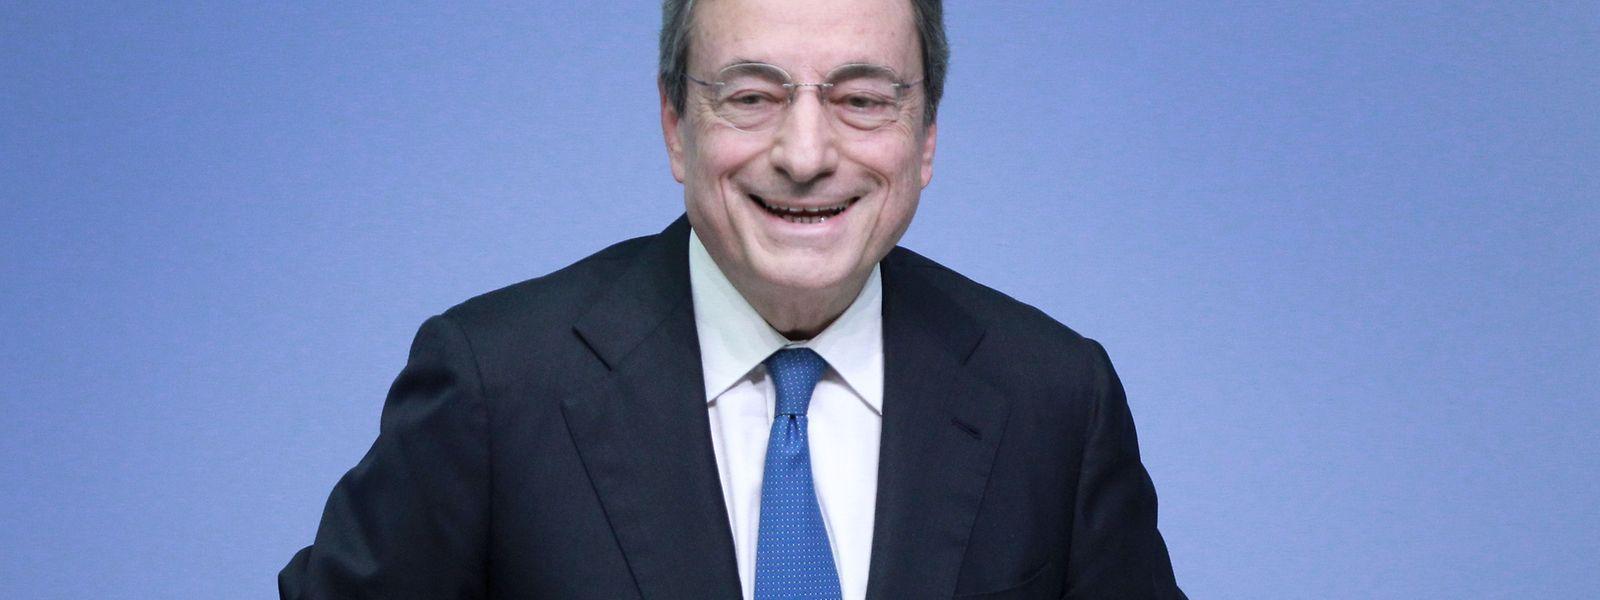 Mario Draghi presidiu, pela última vez, a uma reunião do Banco Central Europeu.